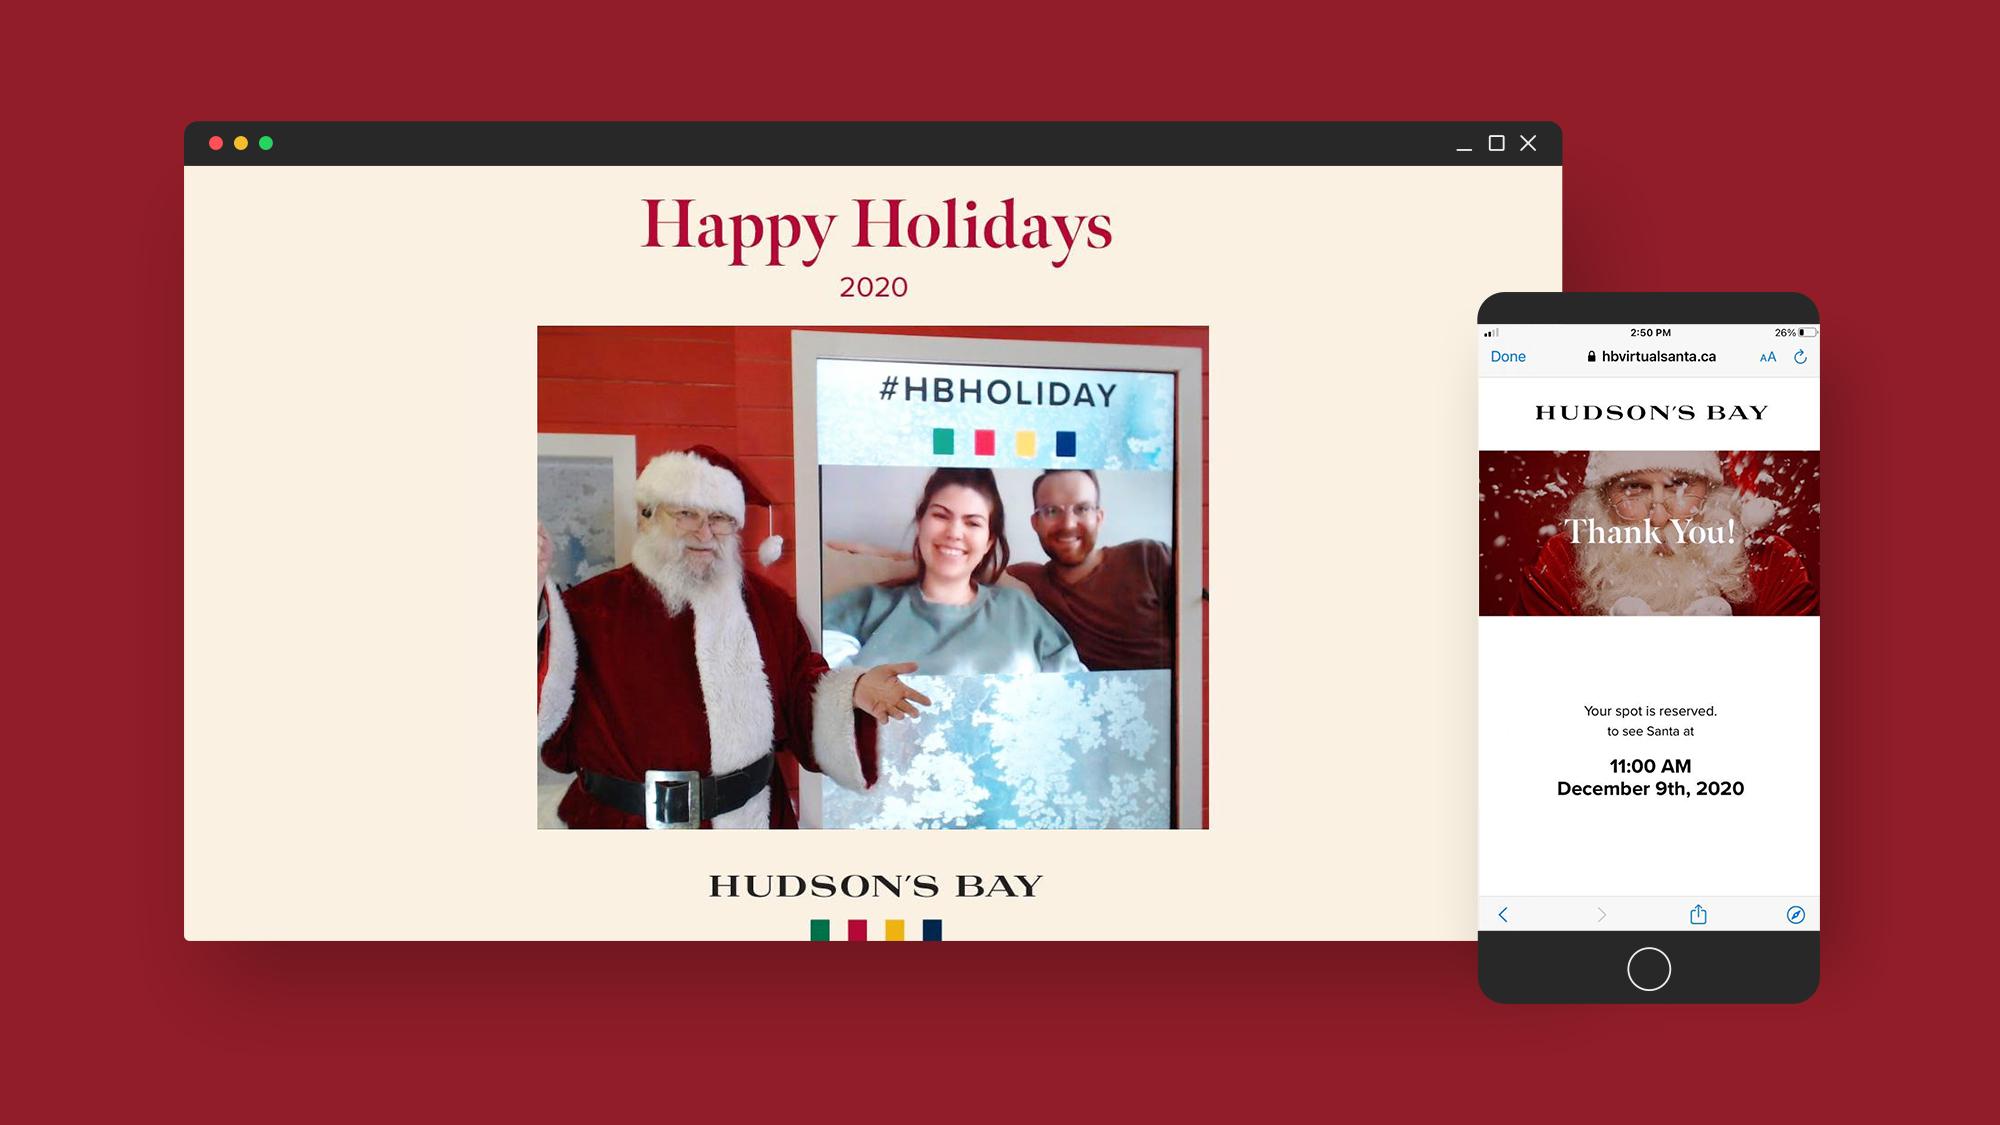 Hudson's Bay Virtual Santa